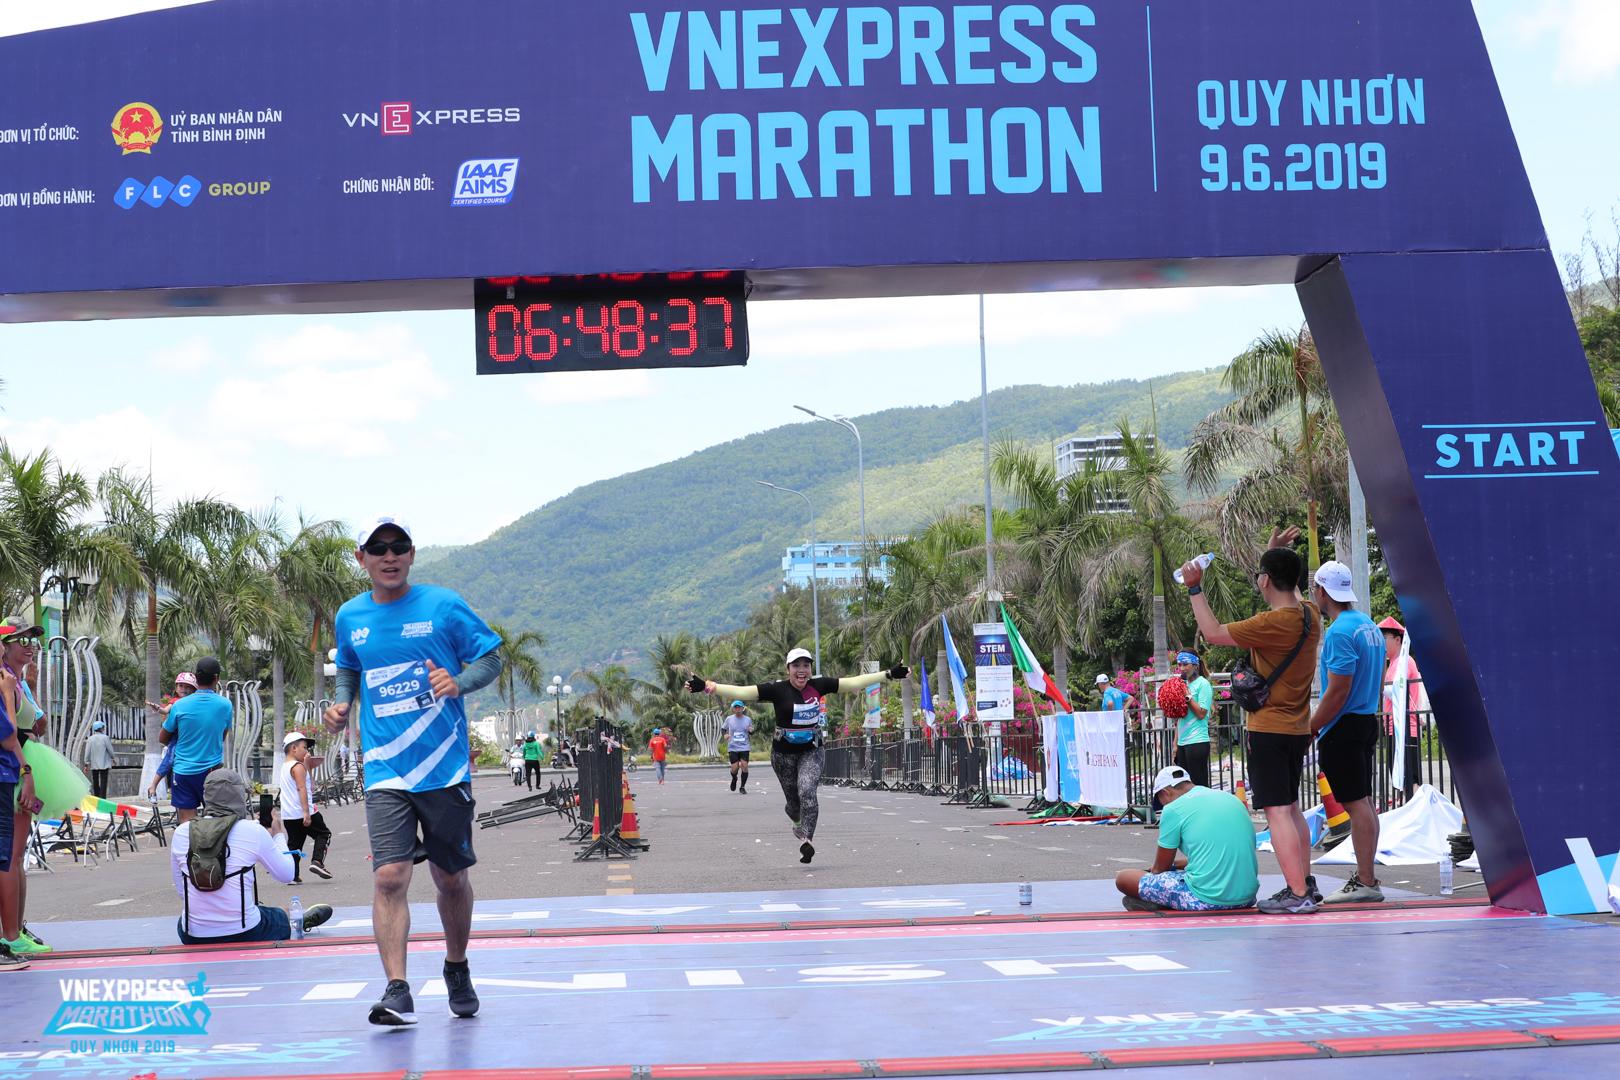 Chân chạy Trần Văn Cảnh của FPT Telecom Campuchia cũng lần đầu chinh phục thành công full marathon.